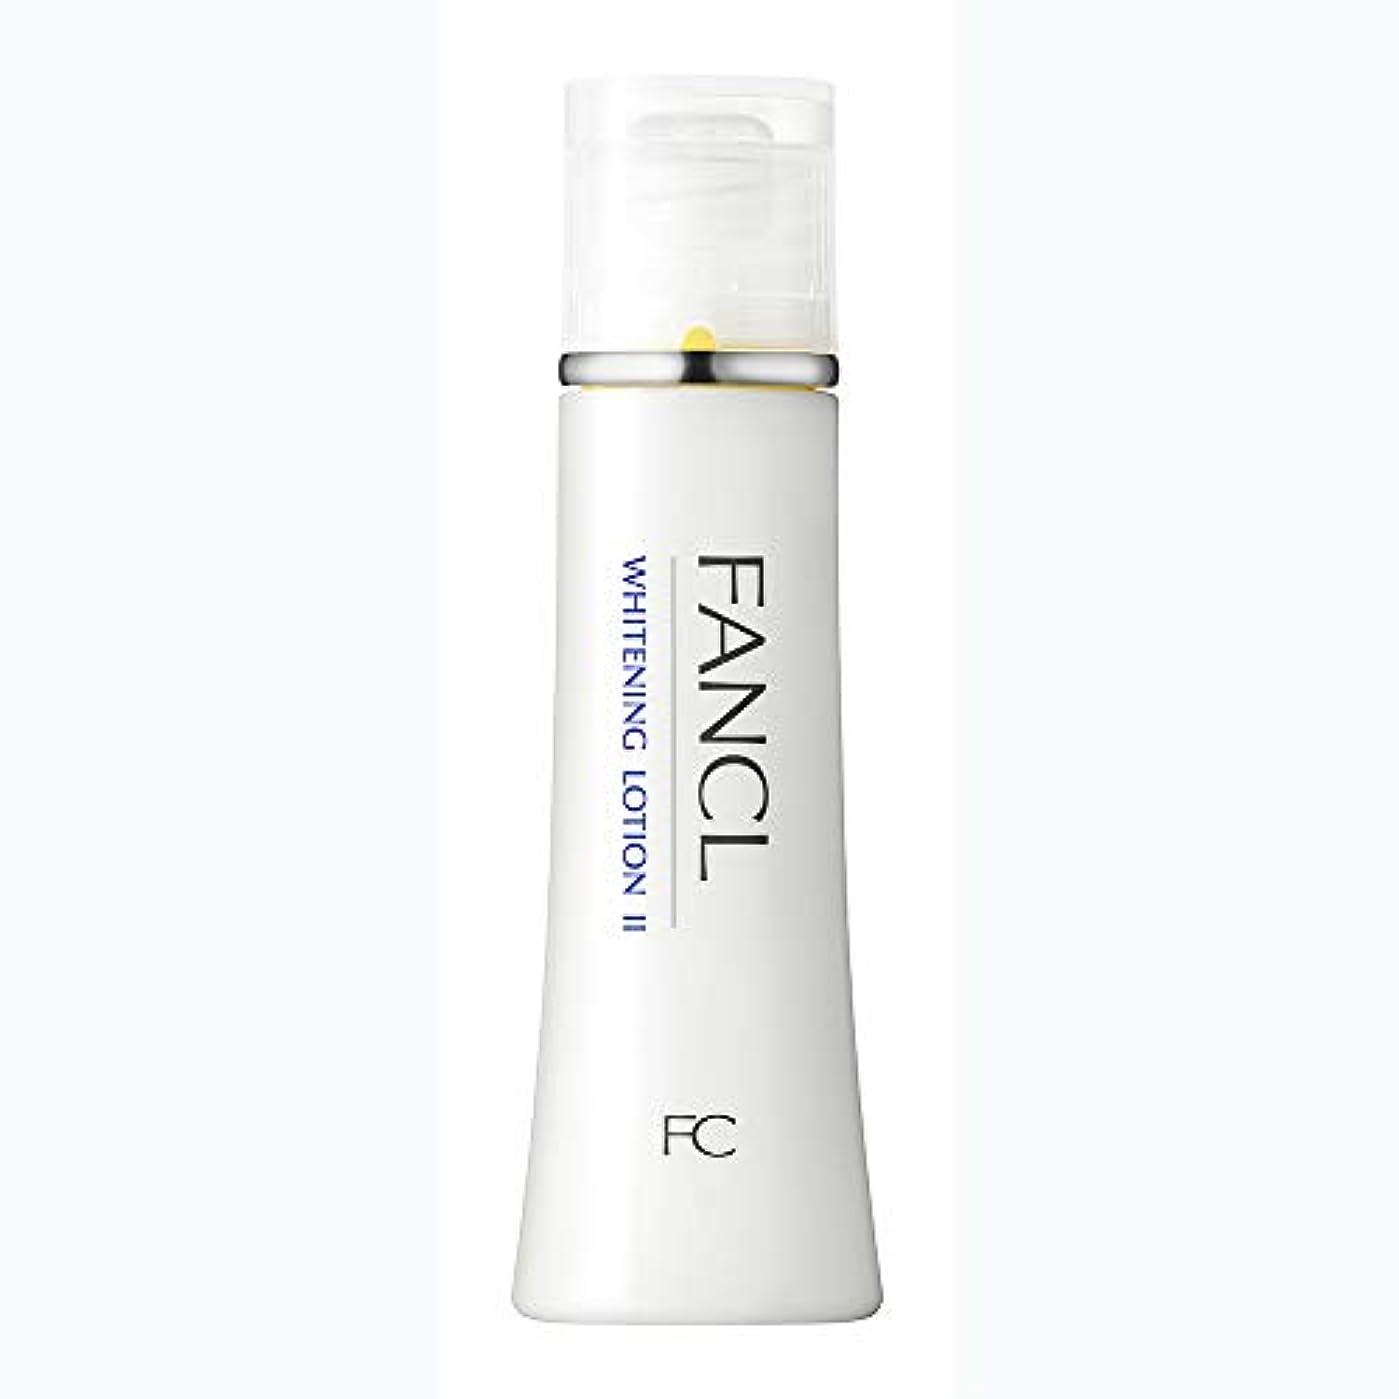 認めるふざけた一族ファンケル (FANCL) 新 ホワイトニング 化粧液 II しっとり 1本 30mL (約30日分)【医薬部外品】